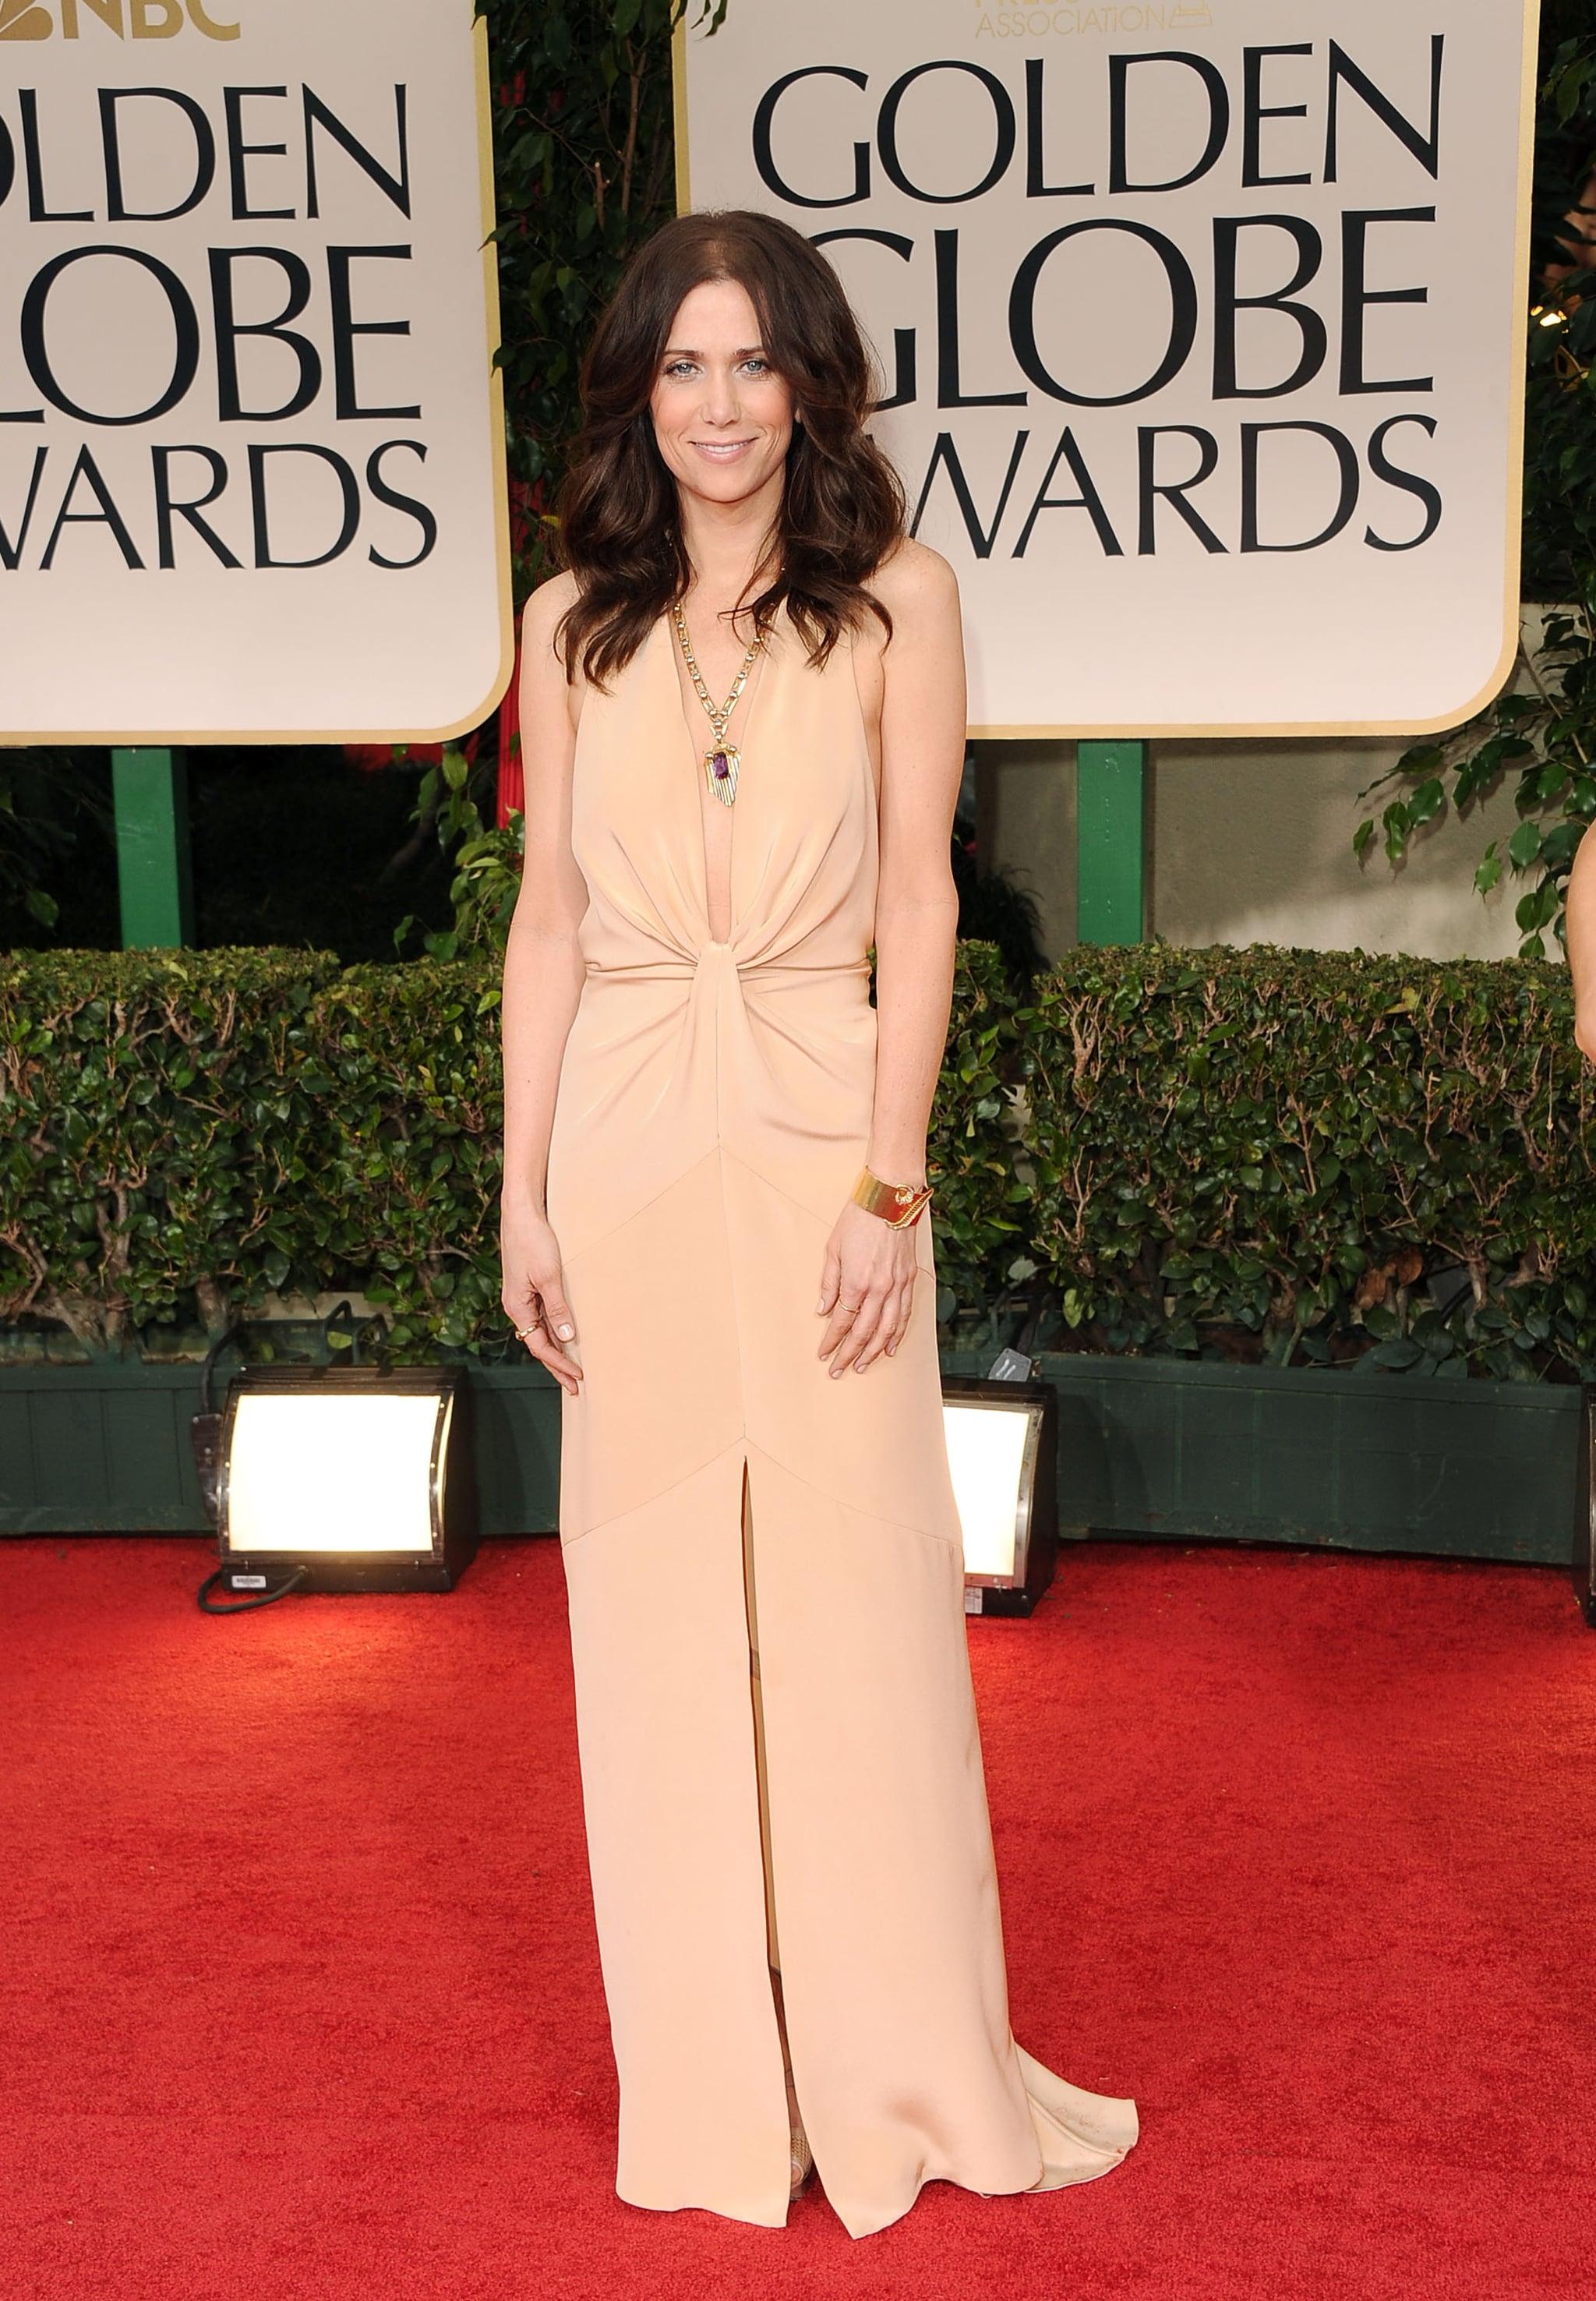 Kristen Wiig at the Golden Globes.